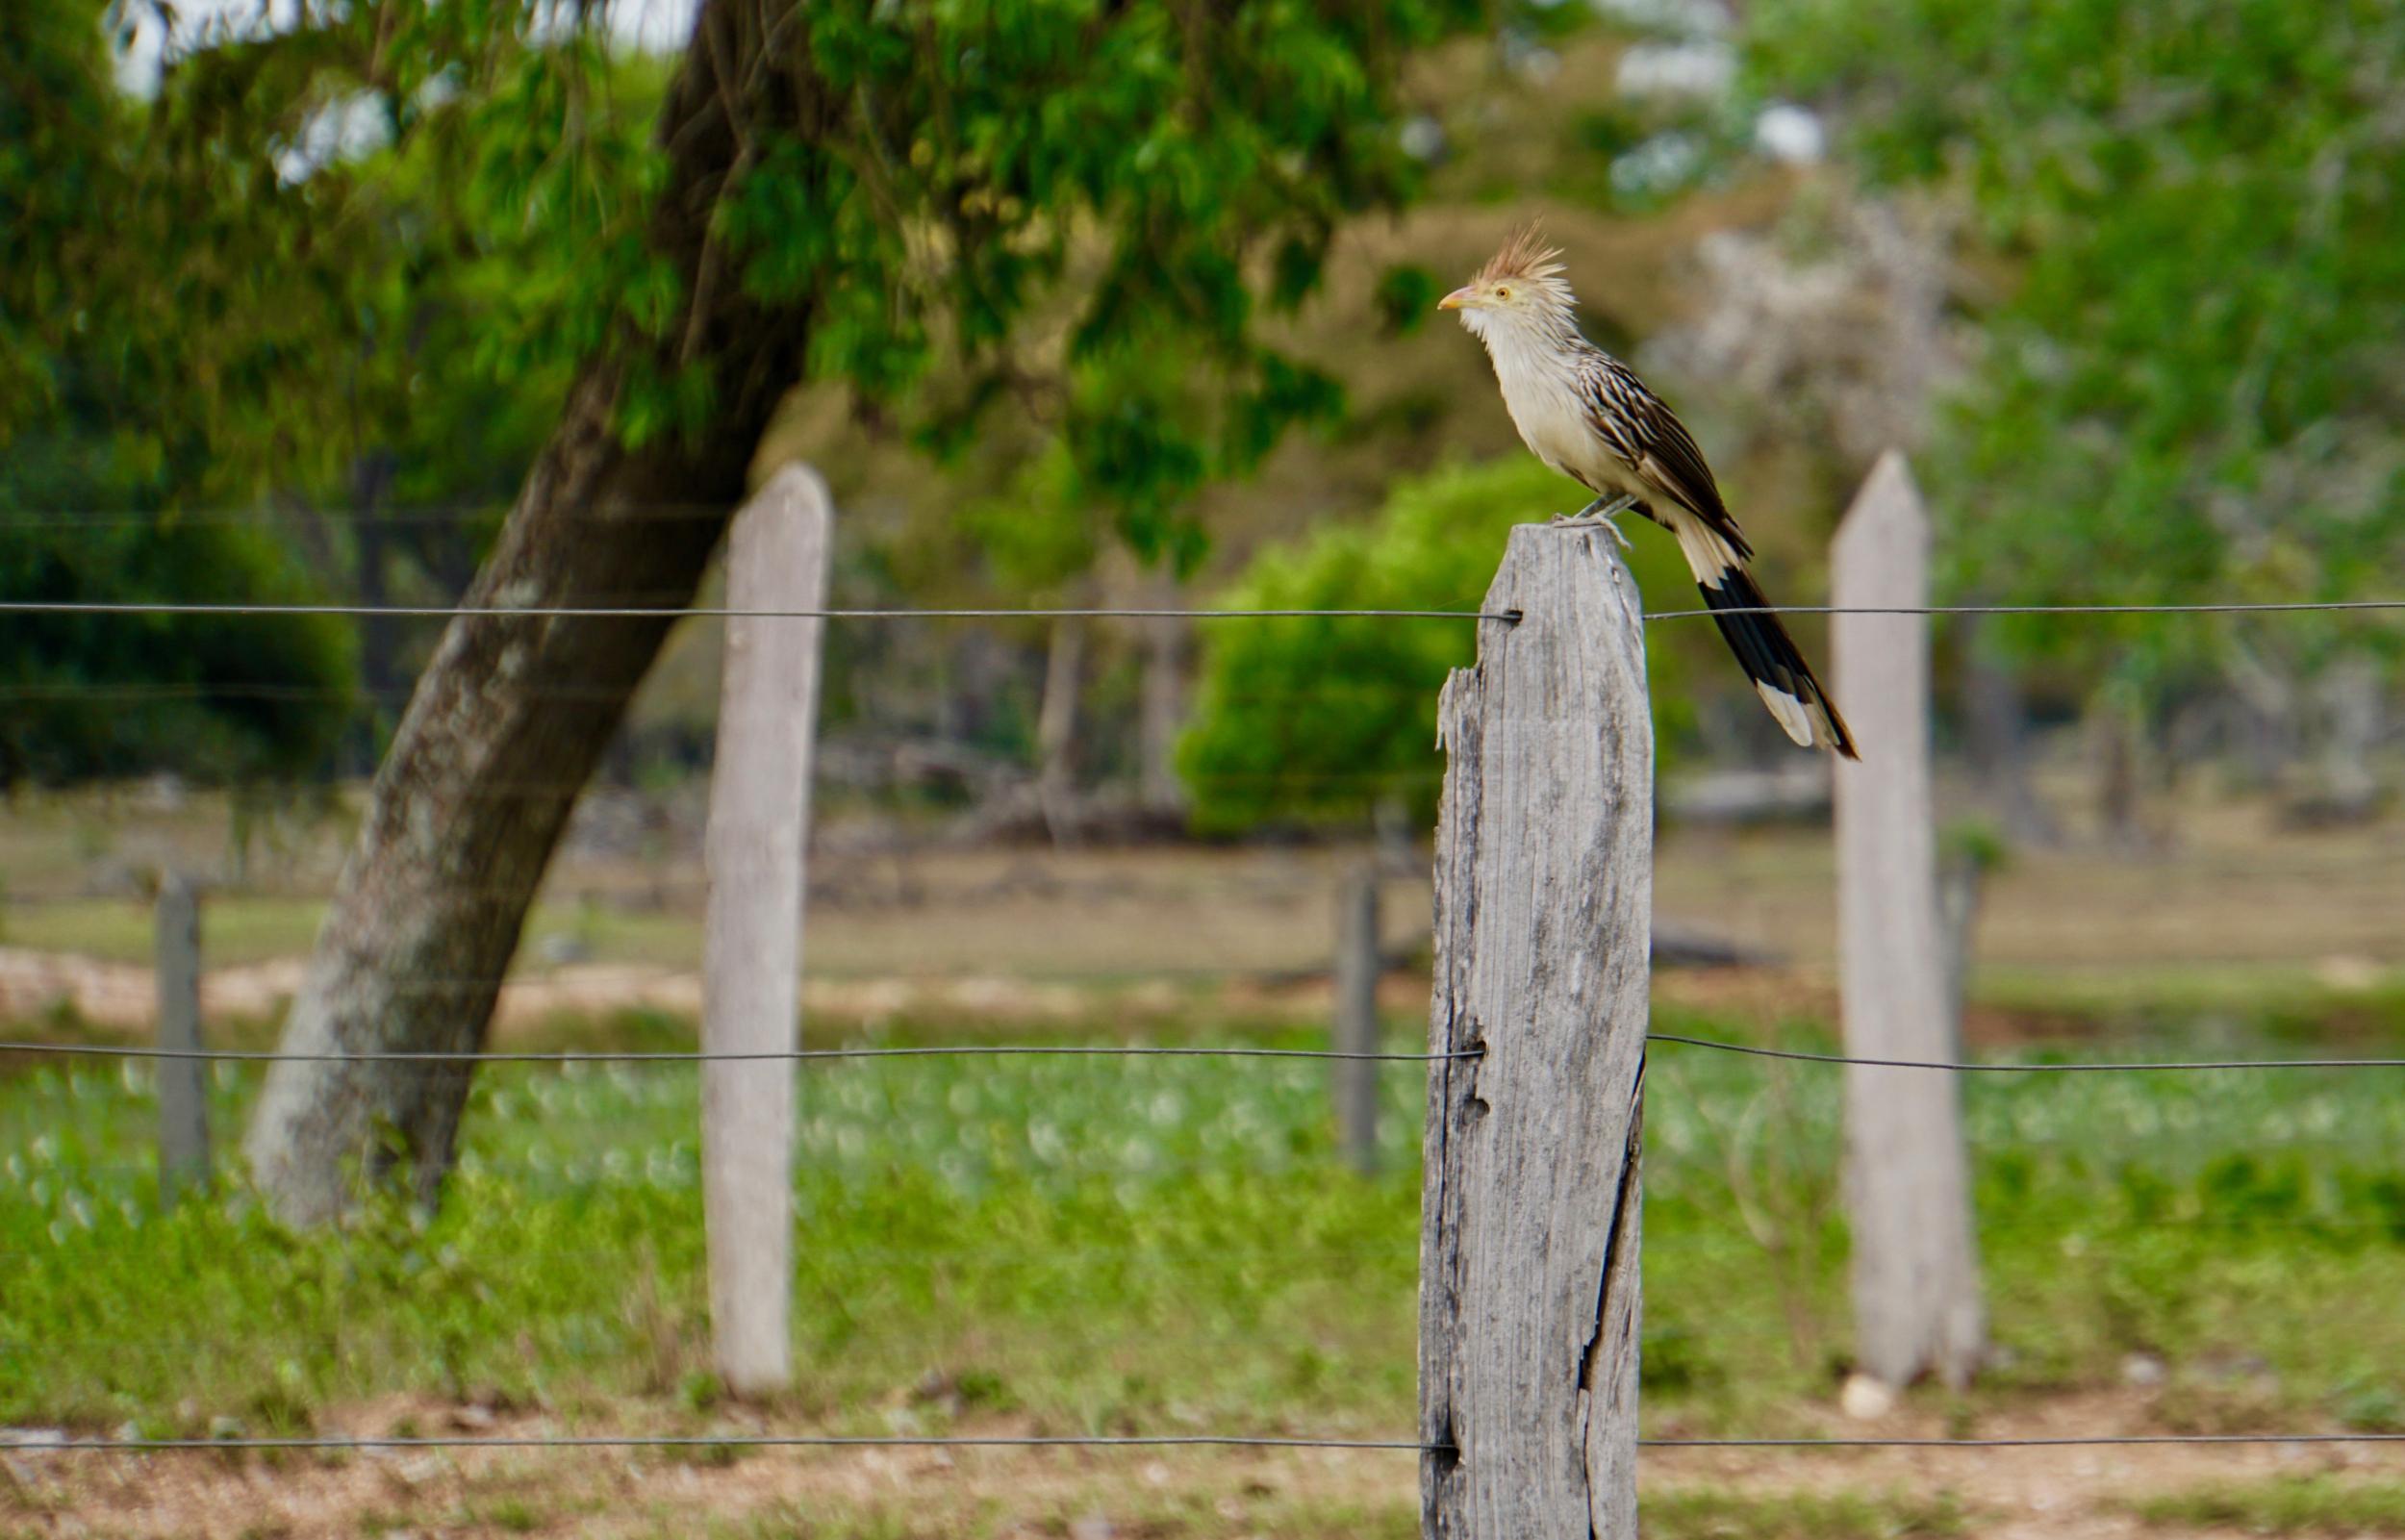 29. Cuckoo bird